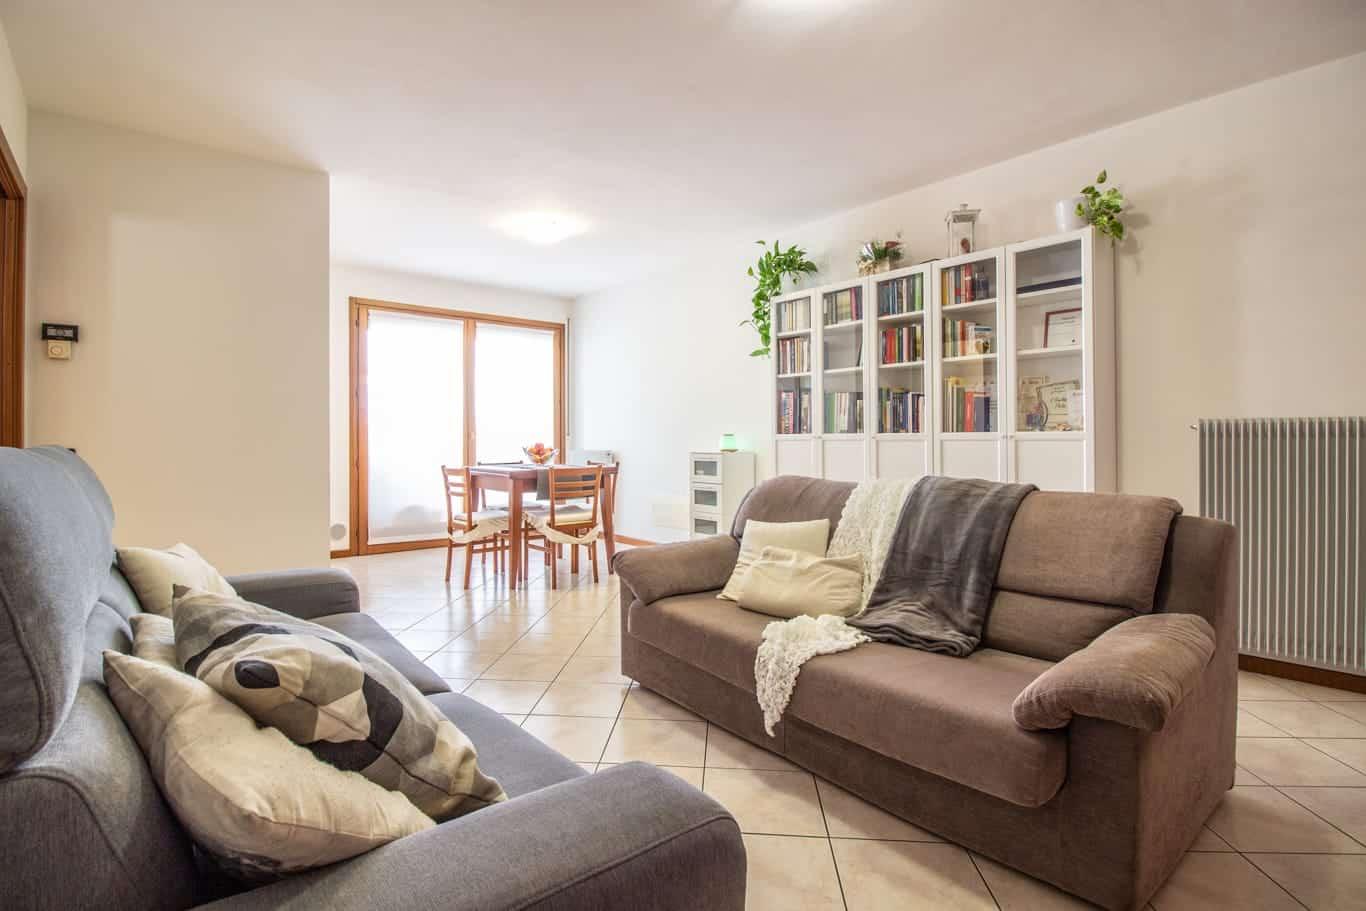 abitare immobiliare vendesi appartamento a pordenone (5 of 8)